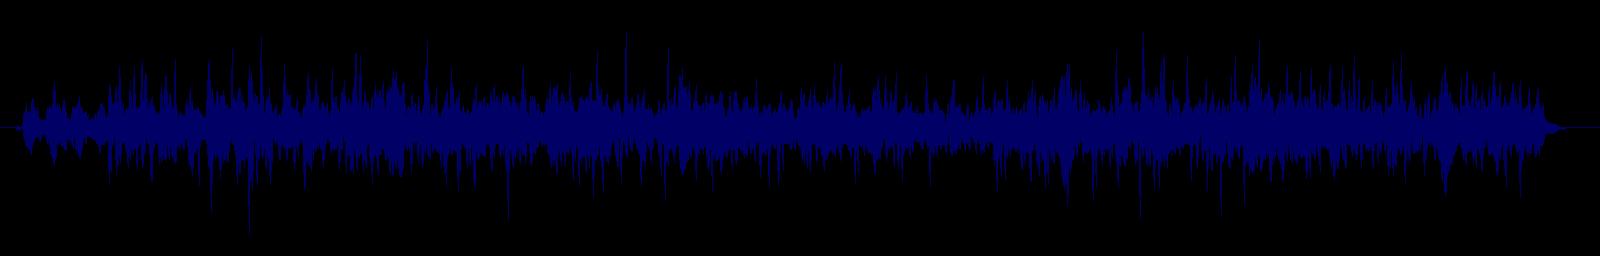 waveform of track #159936